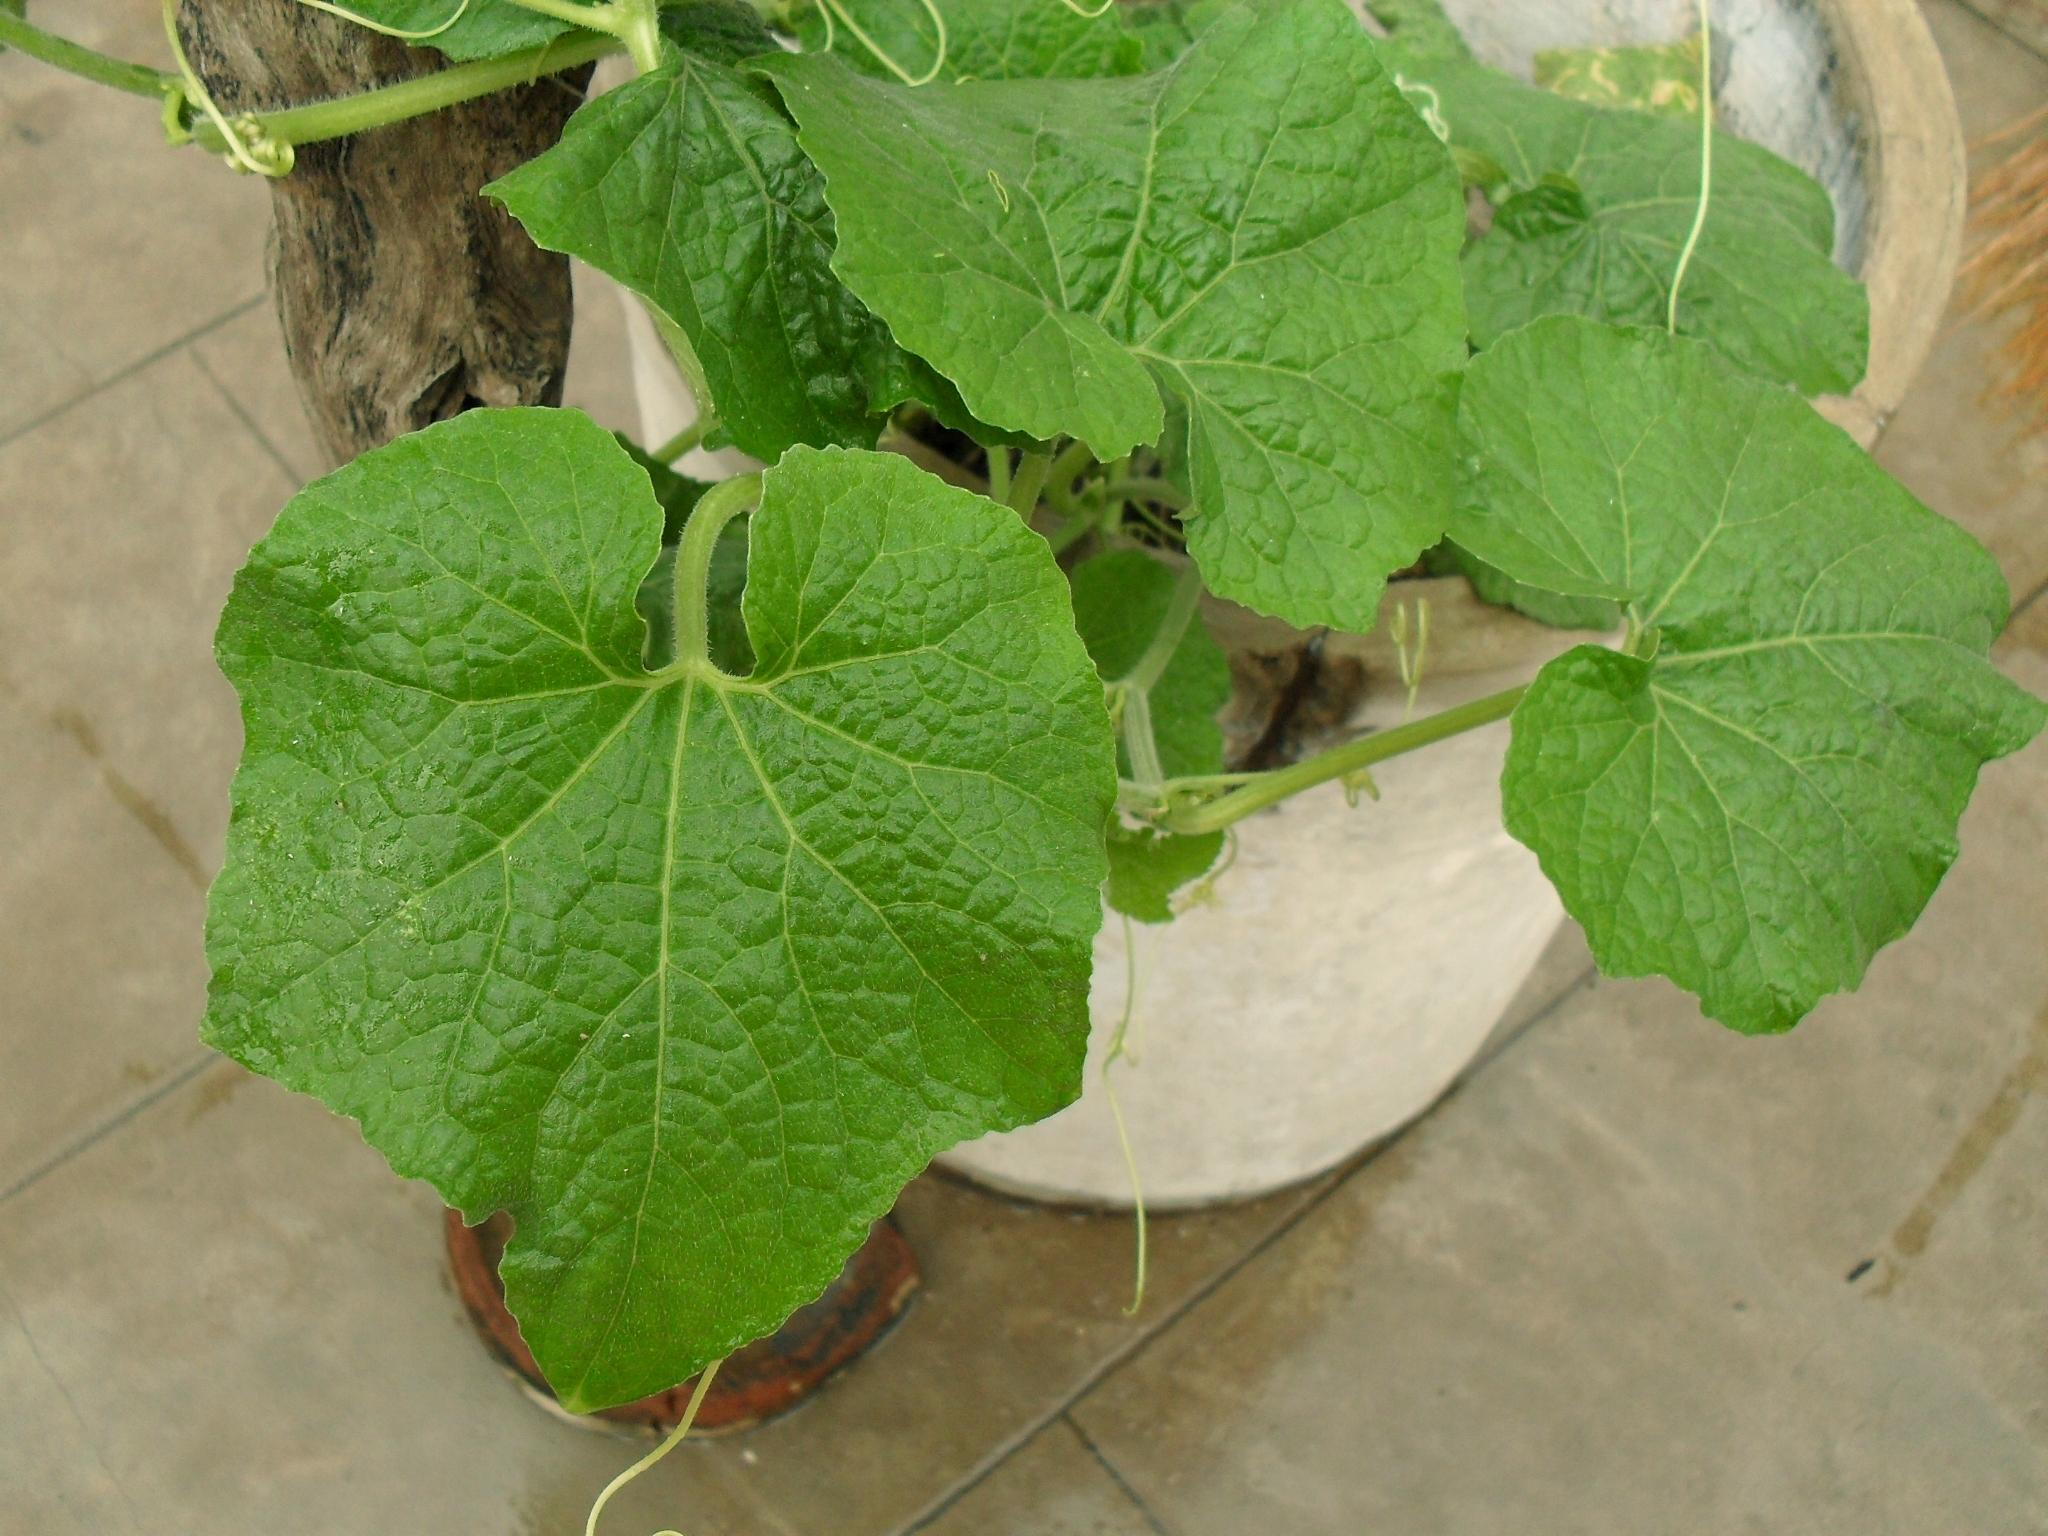 File:Pumpkin plant (OCTAGON leaf)ofTamilnadu157.jpg